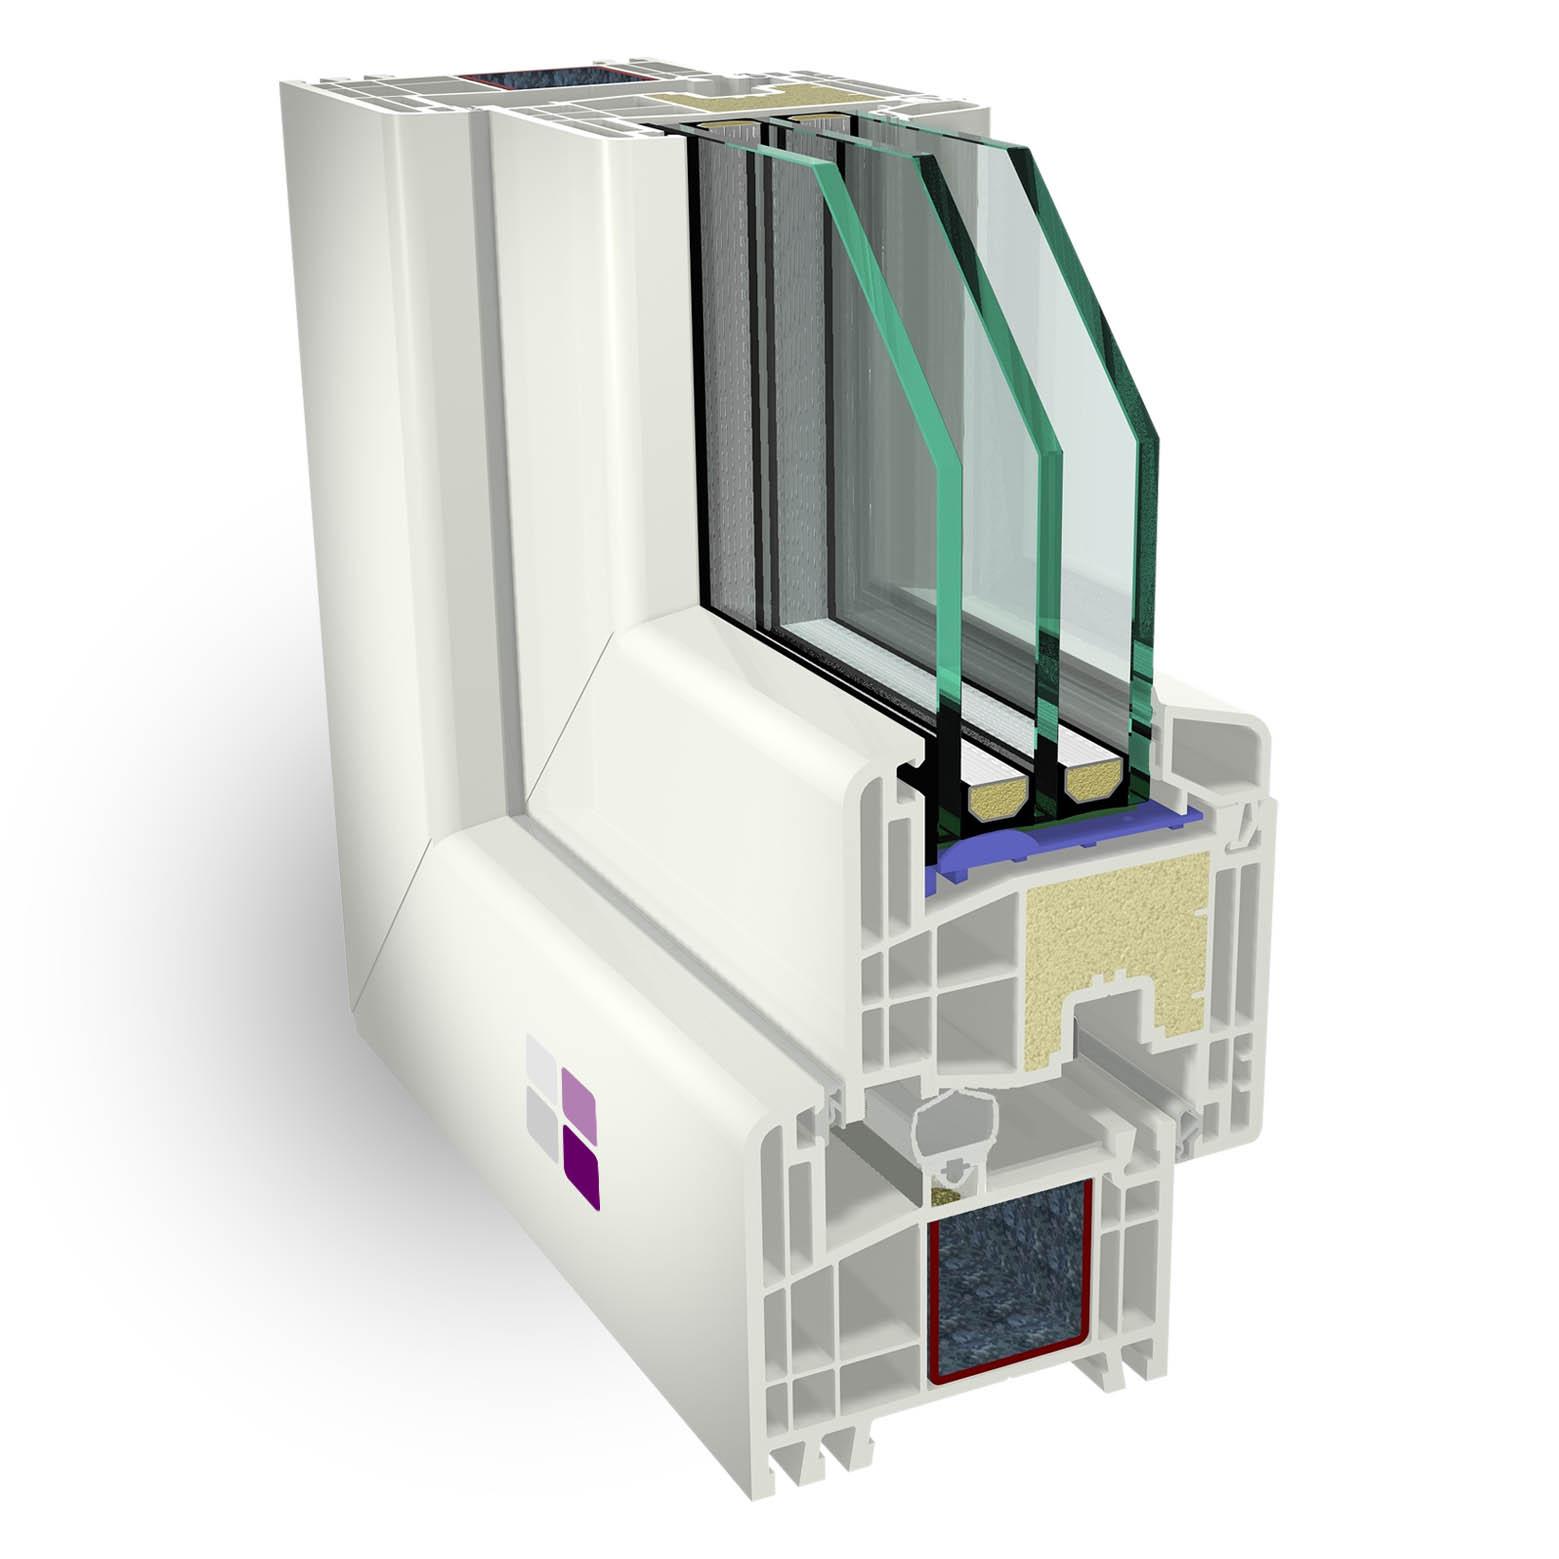 Sección 3D de los componentes de la ventana cálida pvc térmica.